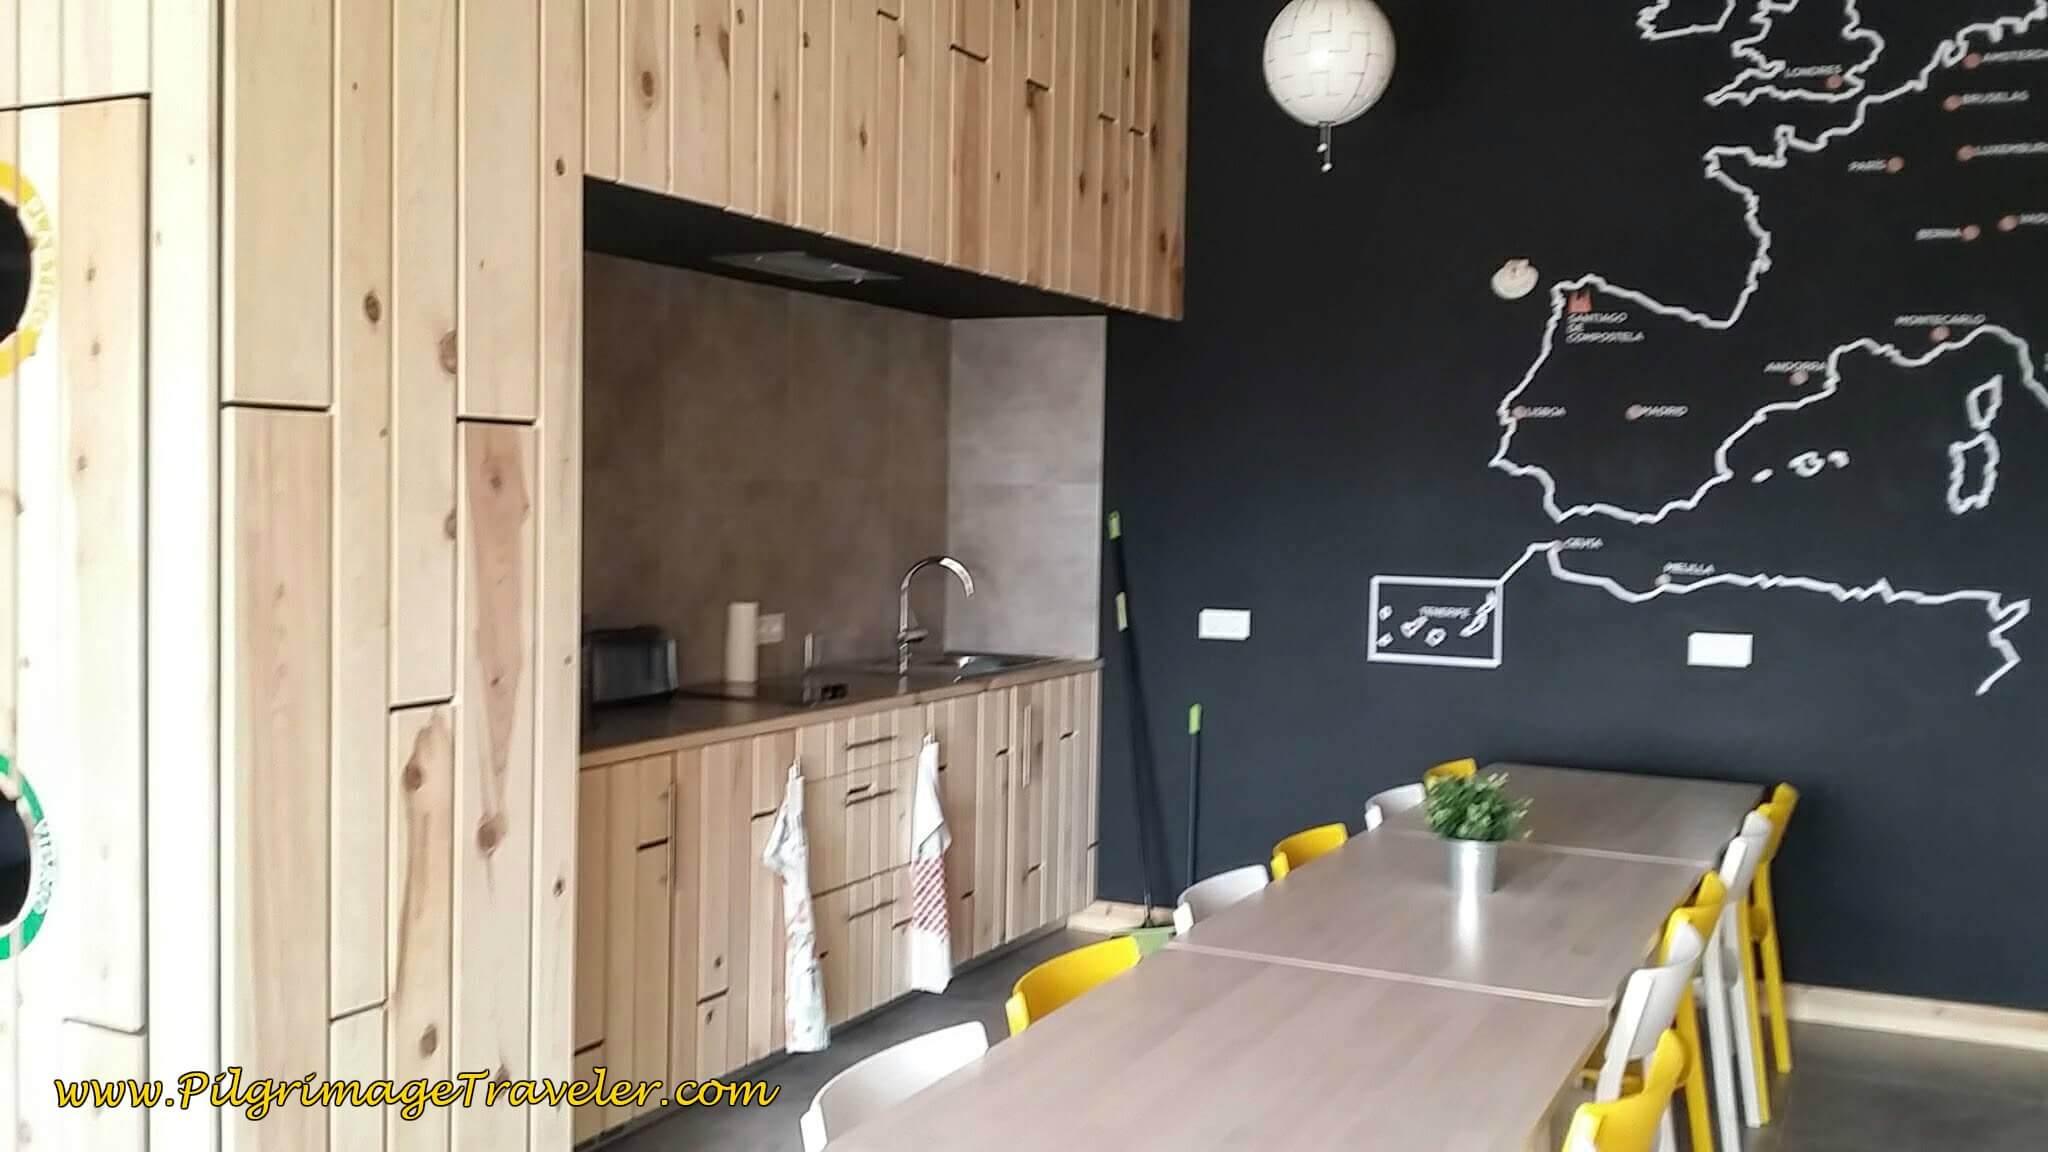 Kitchen at the Albergue Milladoiro on Day Twenty-Four, Portuguese Camino